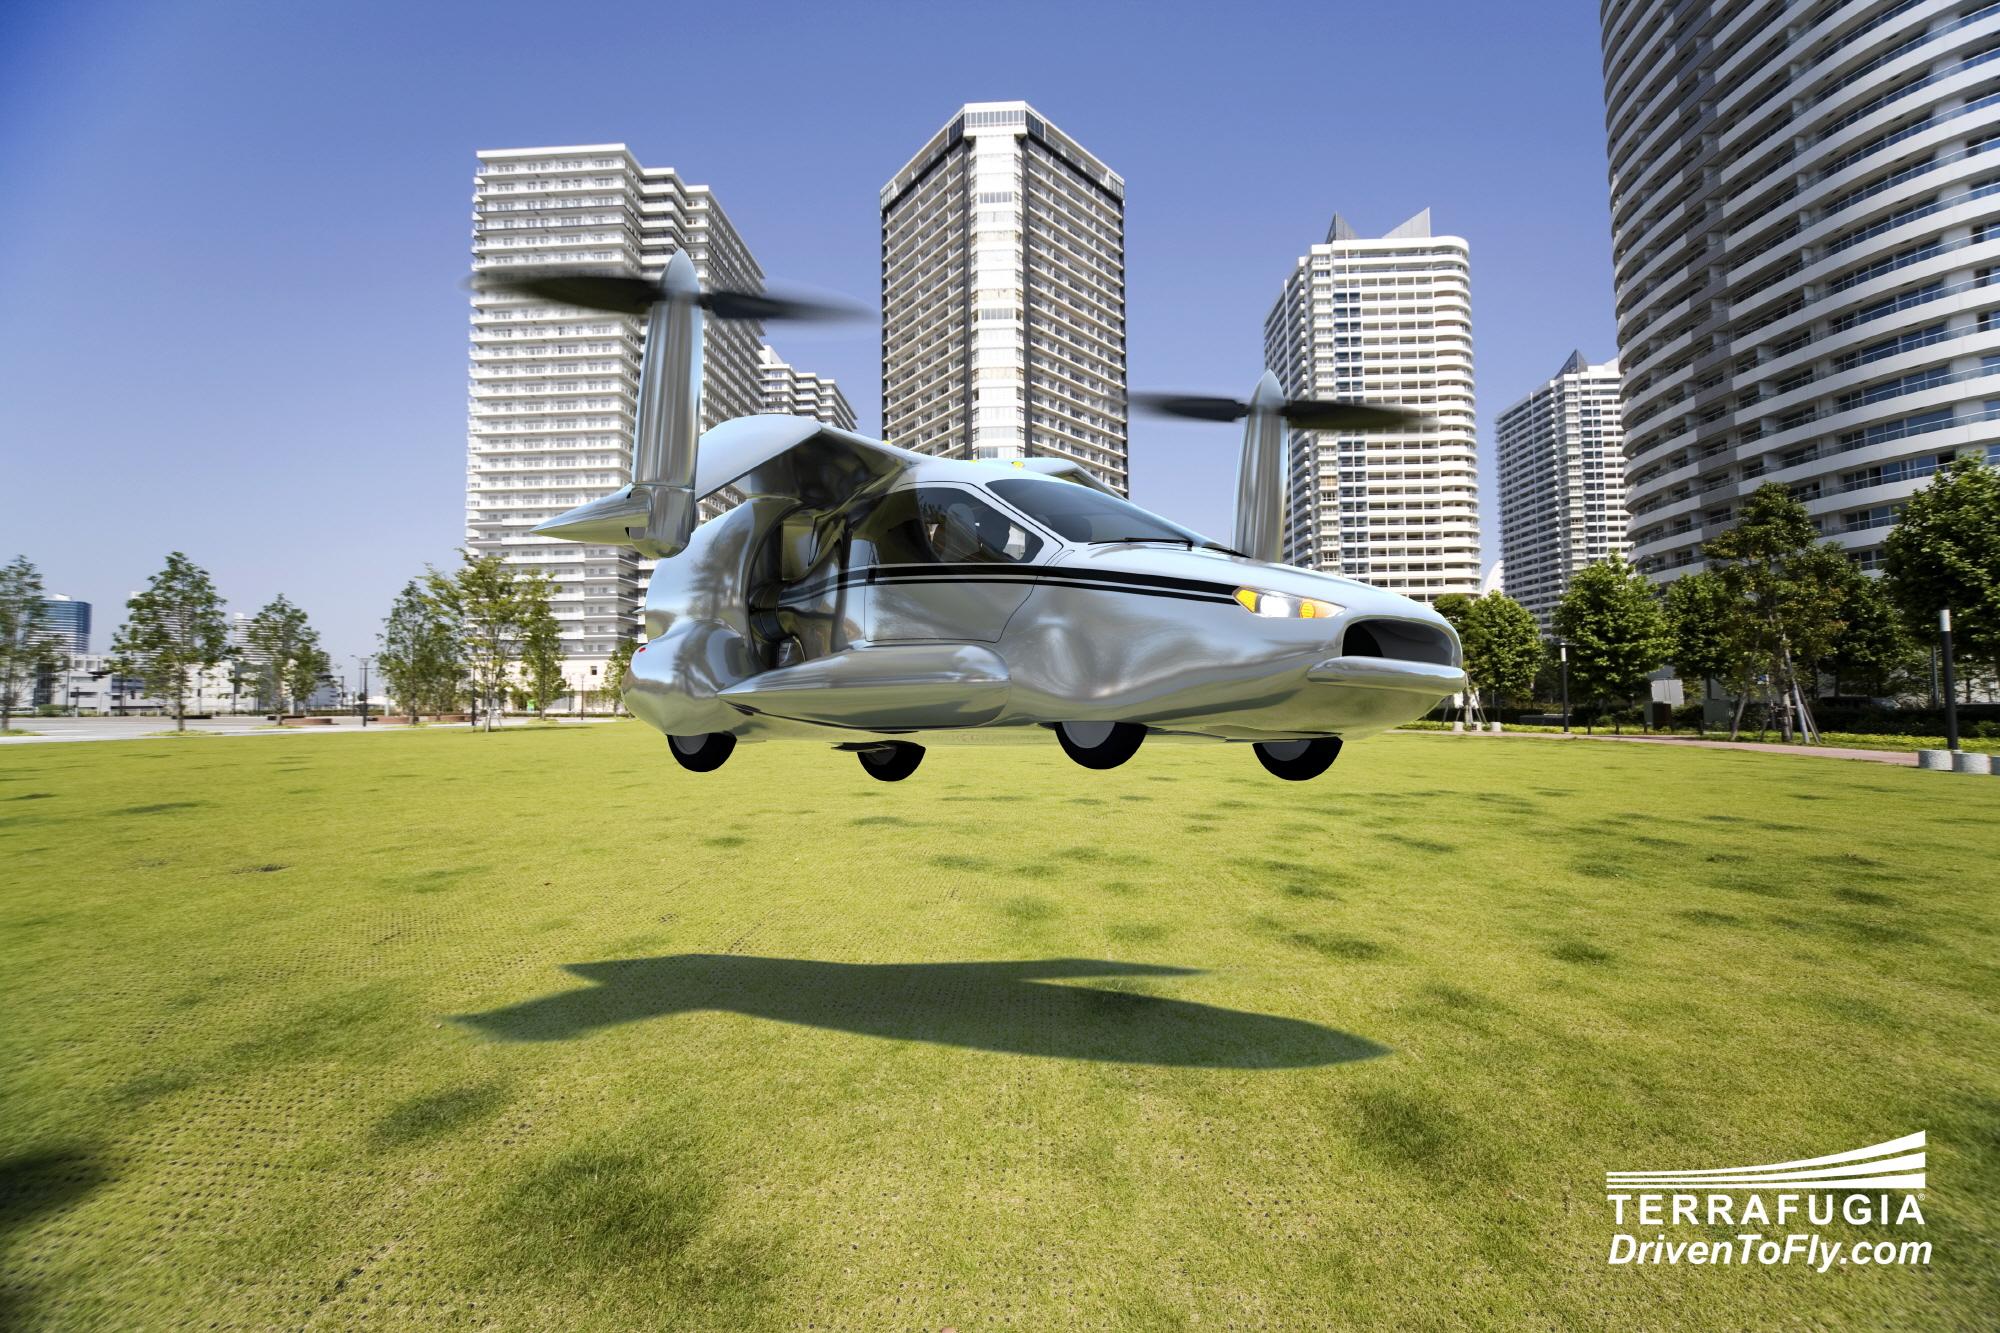 該公司目前推出的只是陽春版 未來計畫推出更時尚、具備流線造型的飛天車 到時候要價應該會破千萬台幣吧  01:11